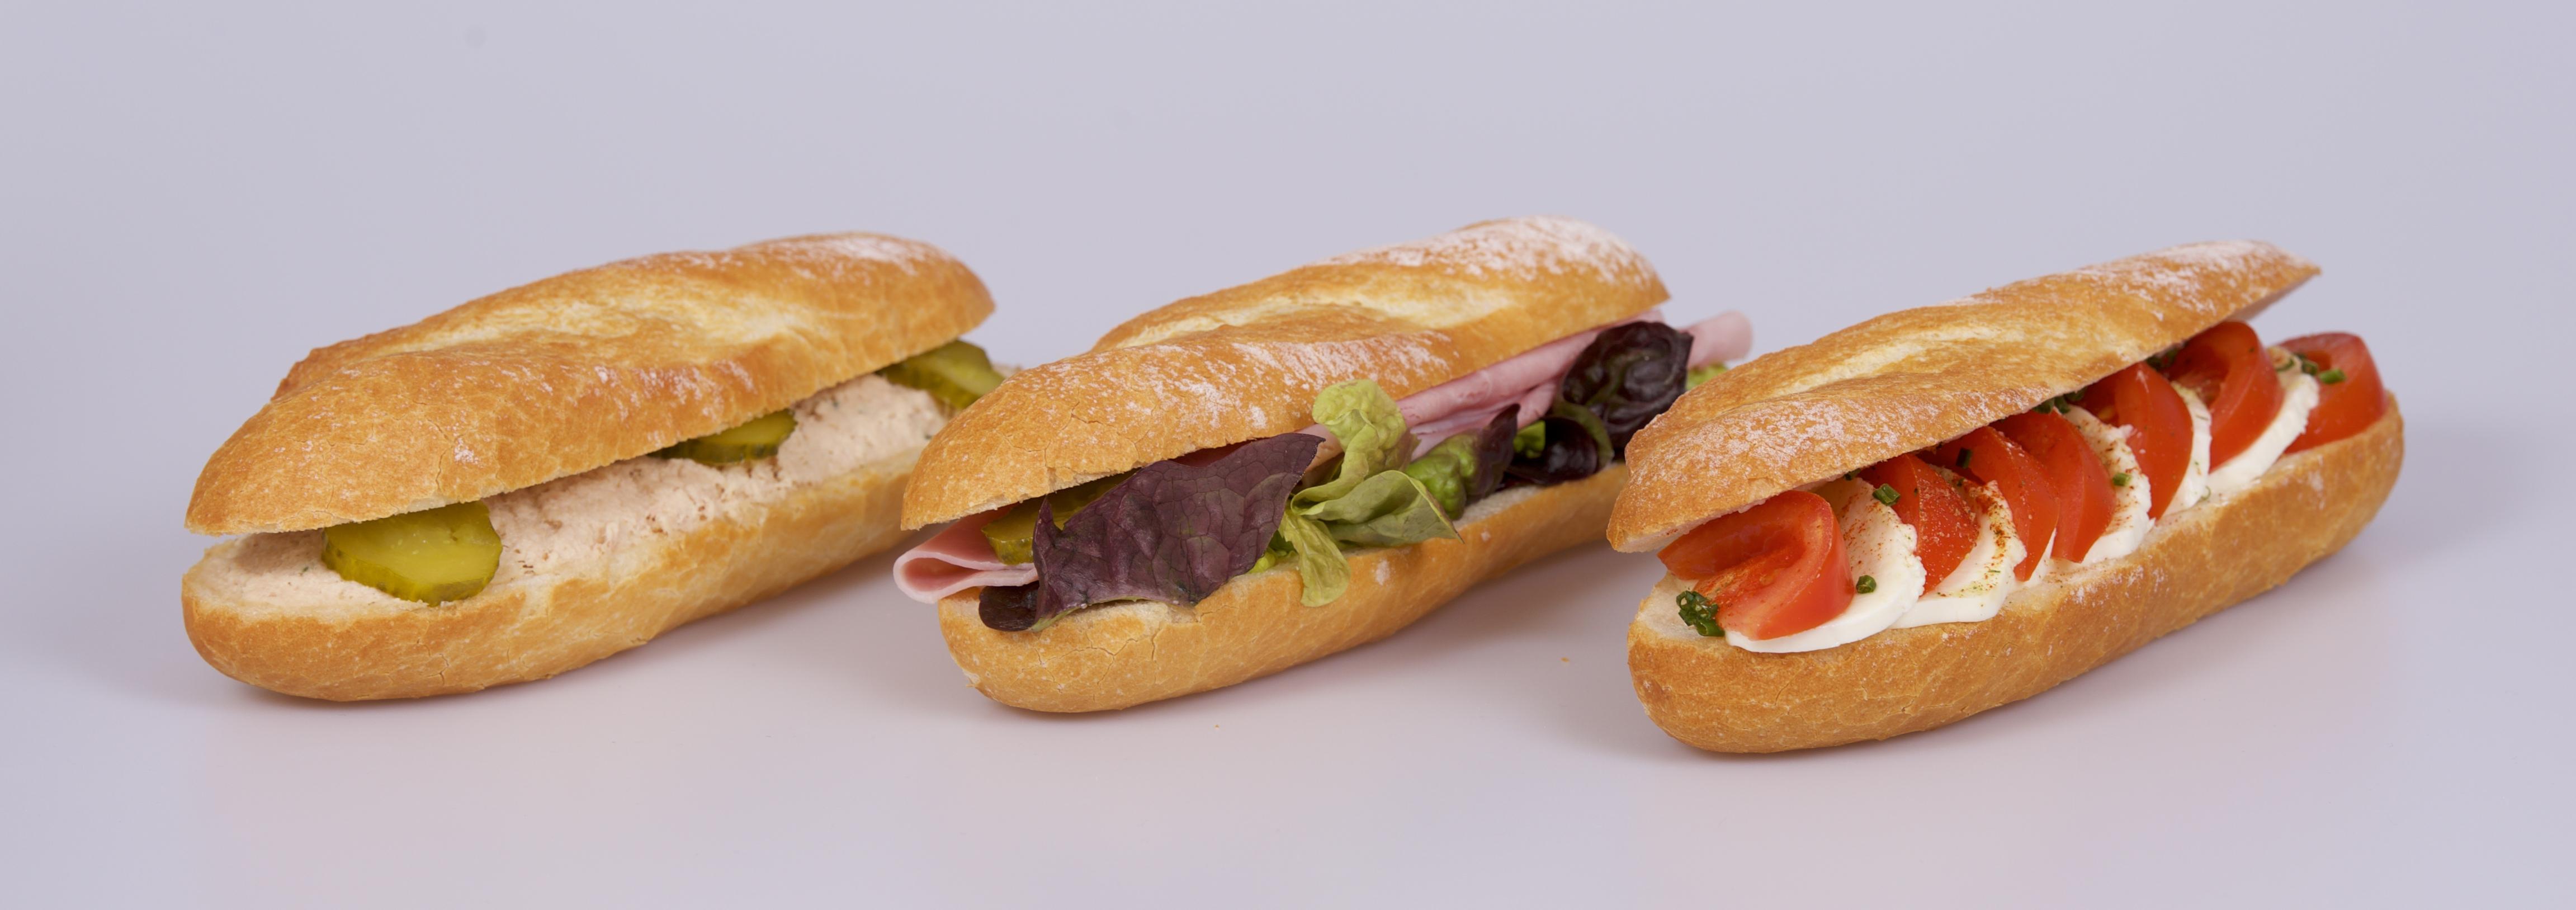 Diverse Parisette-Sandwiches